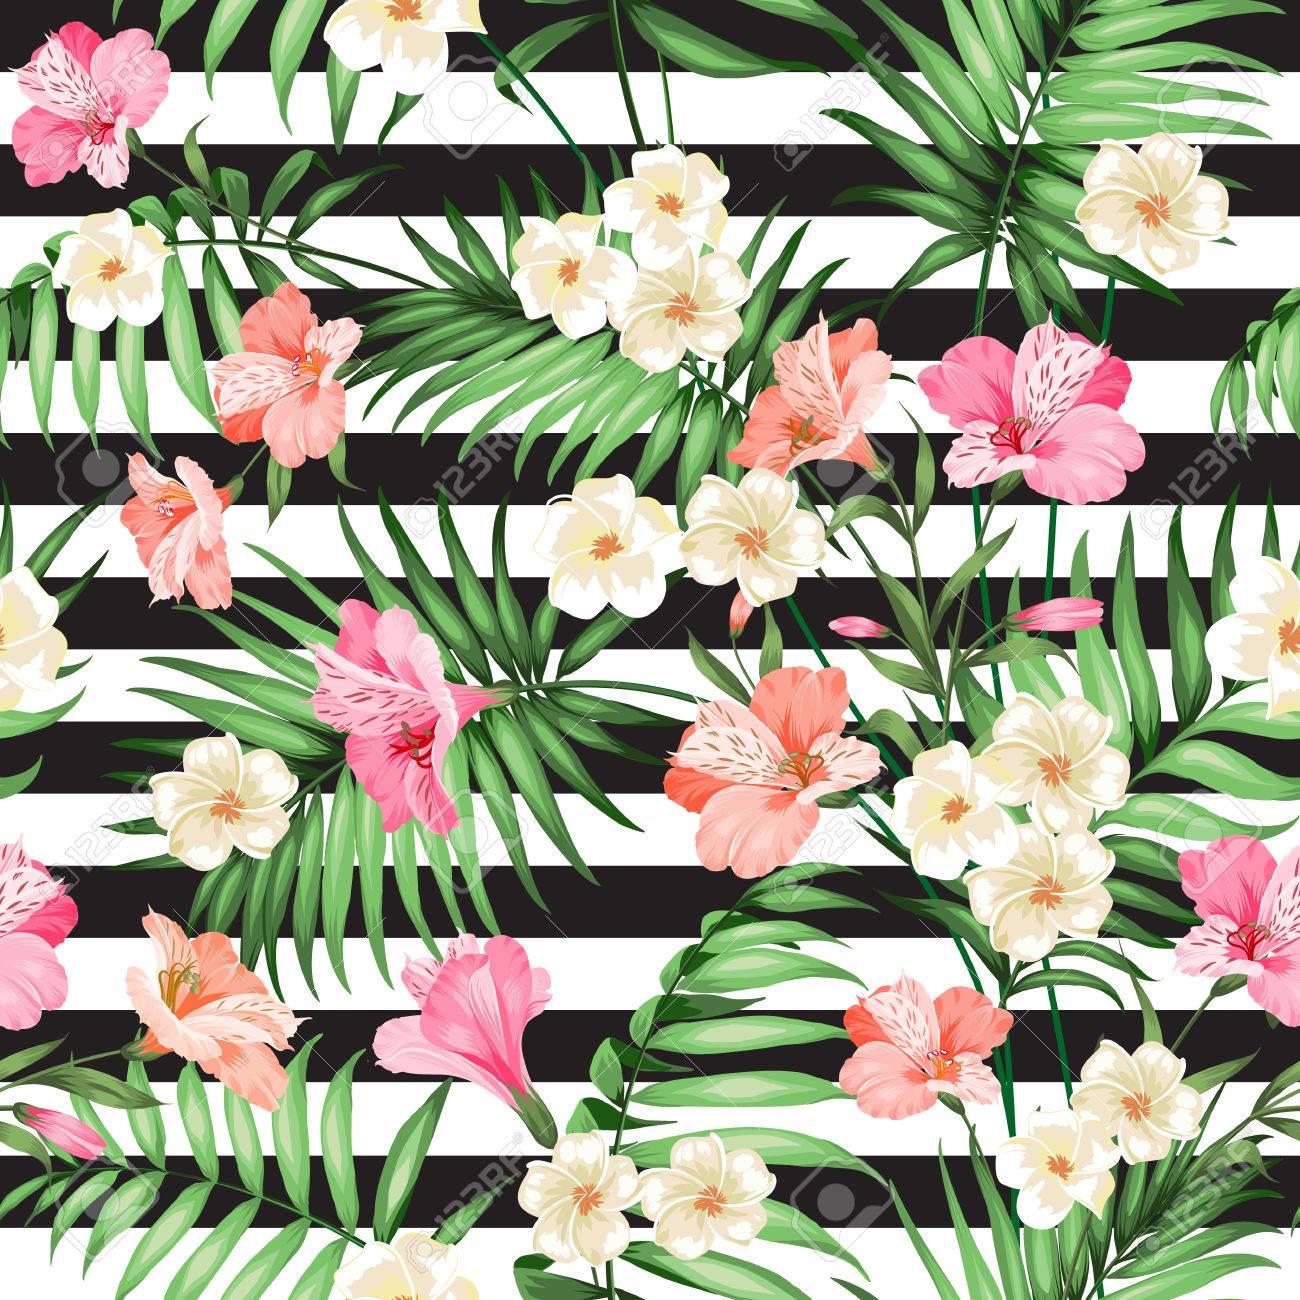 Patrón De Flor Tropical Flor De Flores Para El Fondo De La